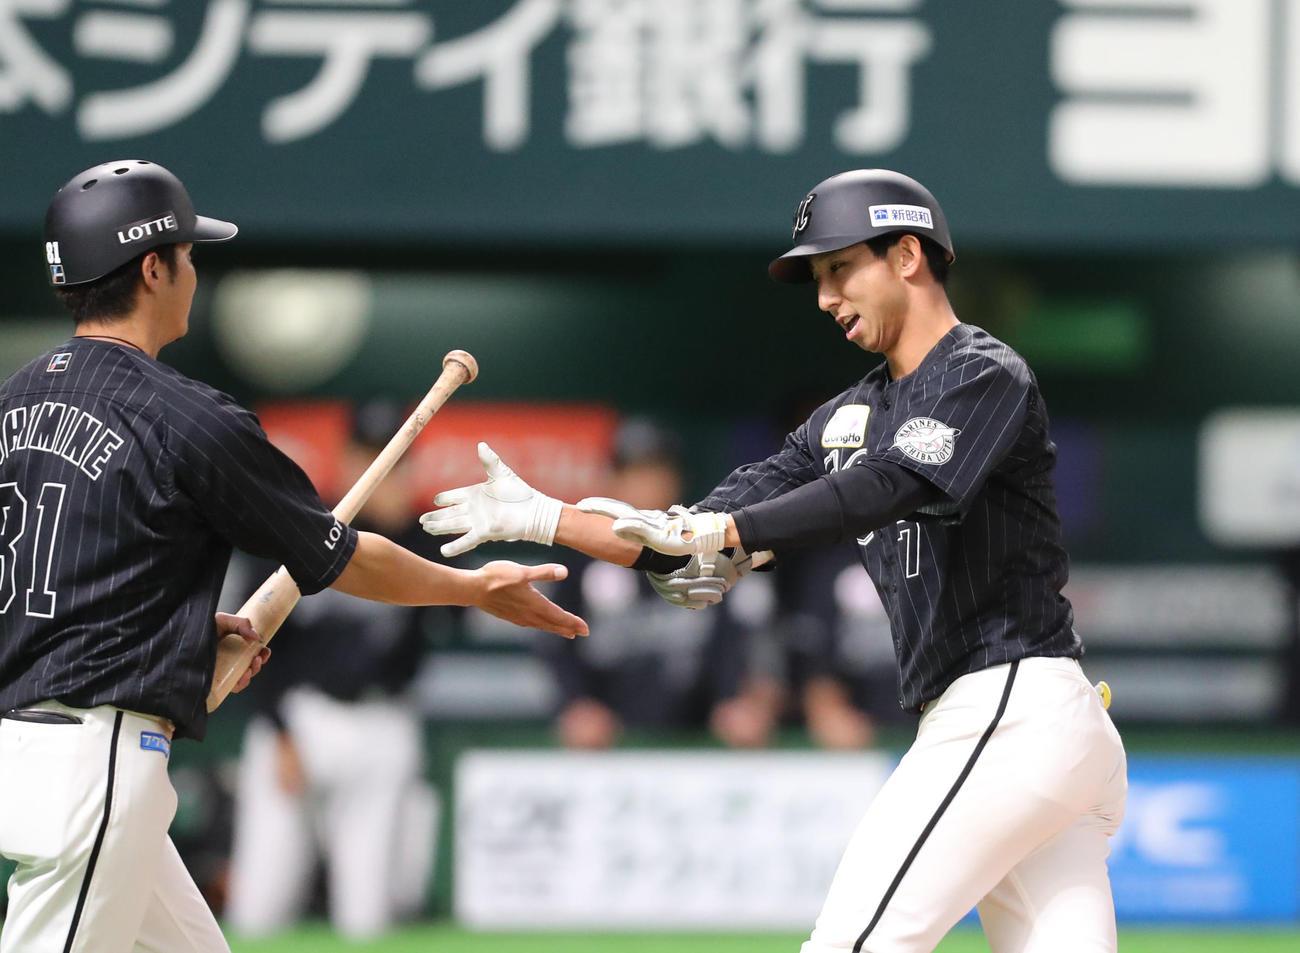 ソフトバンク対ロッテ 1回表ロッテ無死、福田秀平は右越えに先制本塁打を放ちナインとハイタッチをかわす(撮影・梅根麻紀)